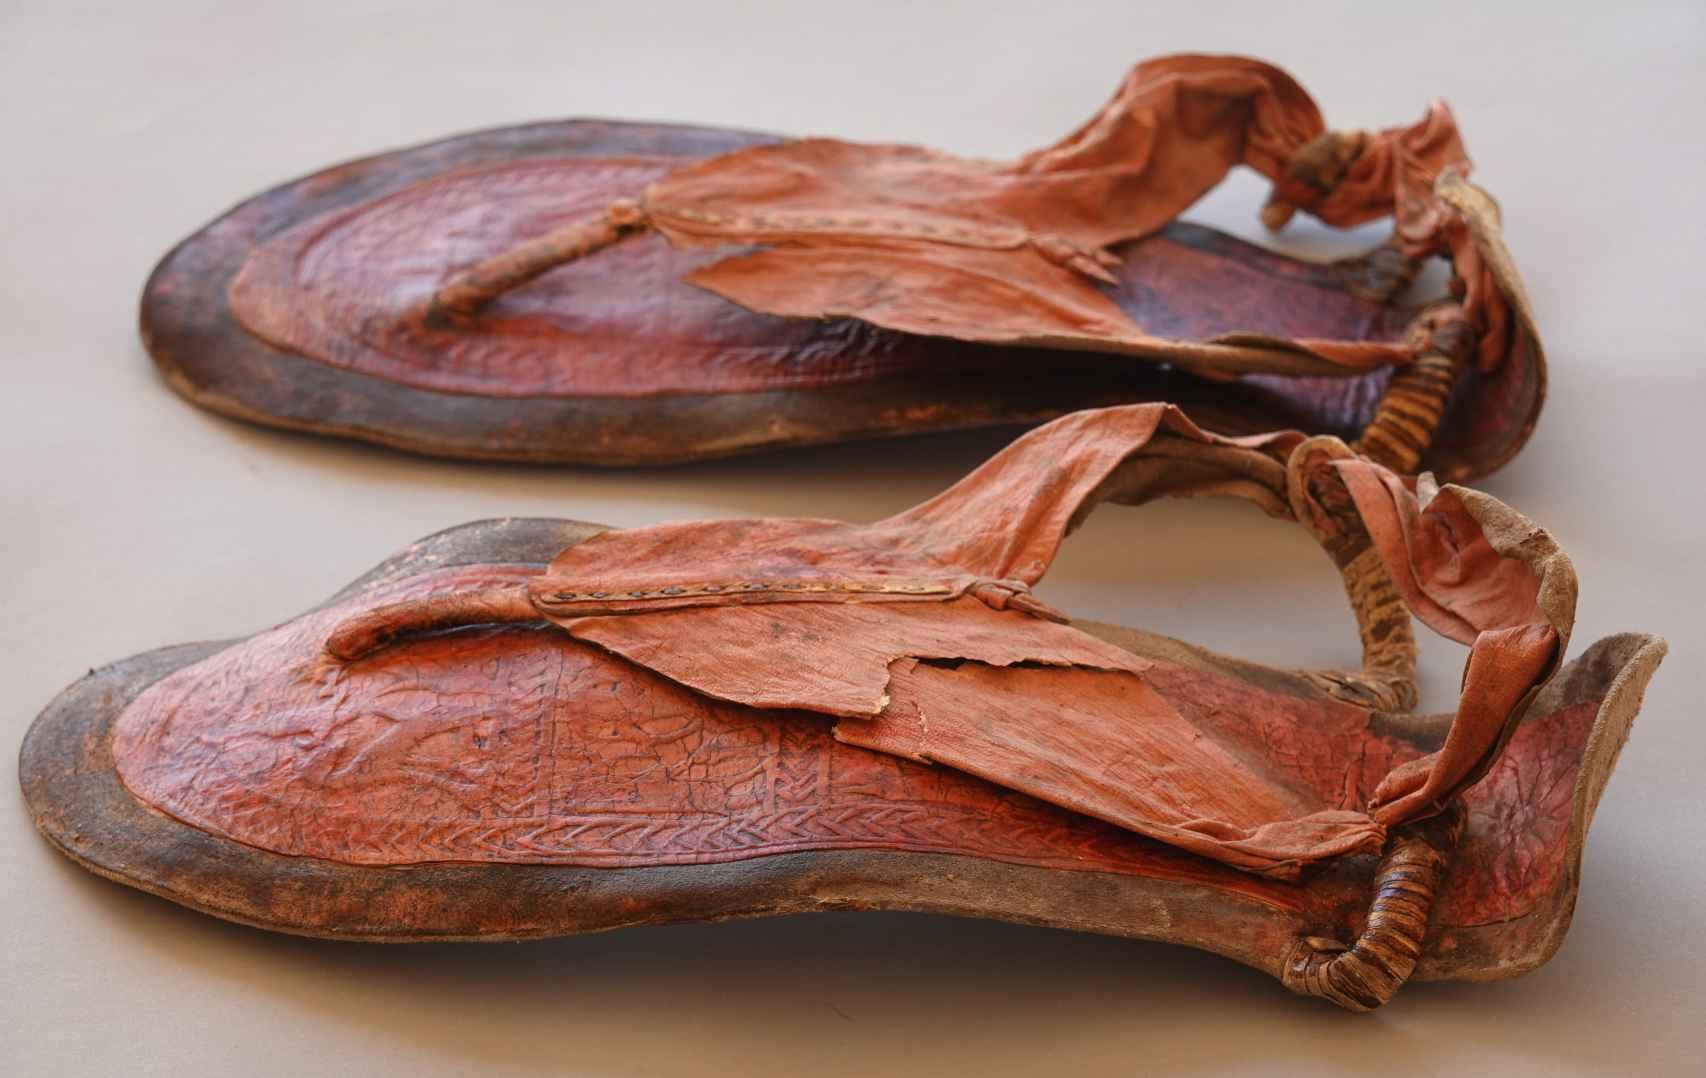 Imagen de las sandalias de cuero descubiertas.